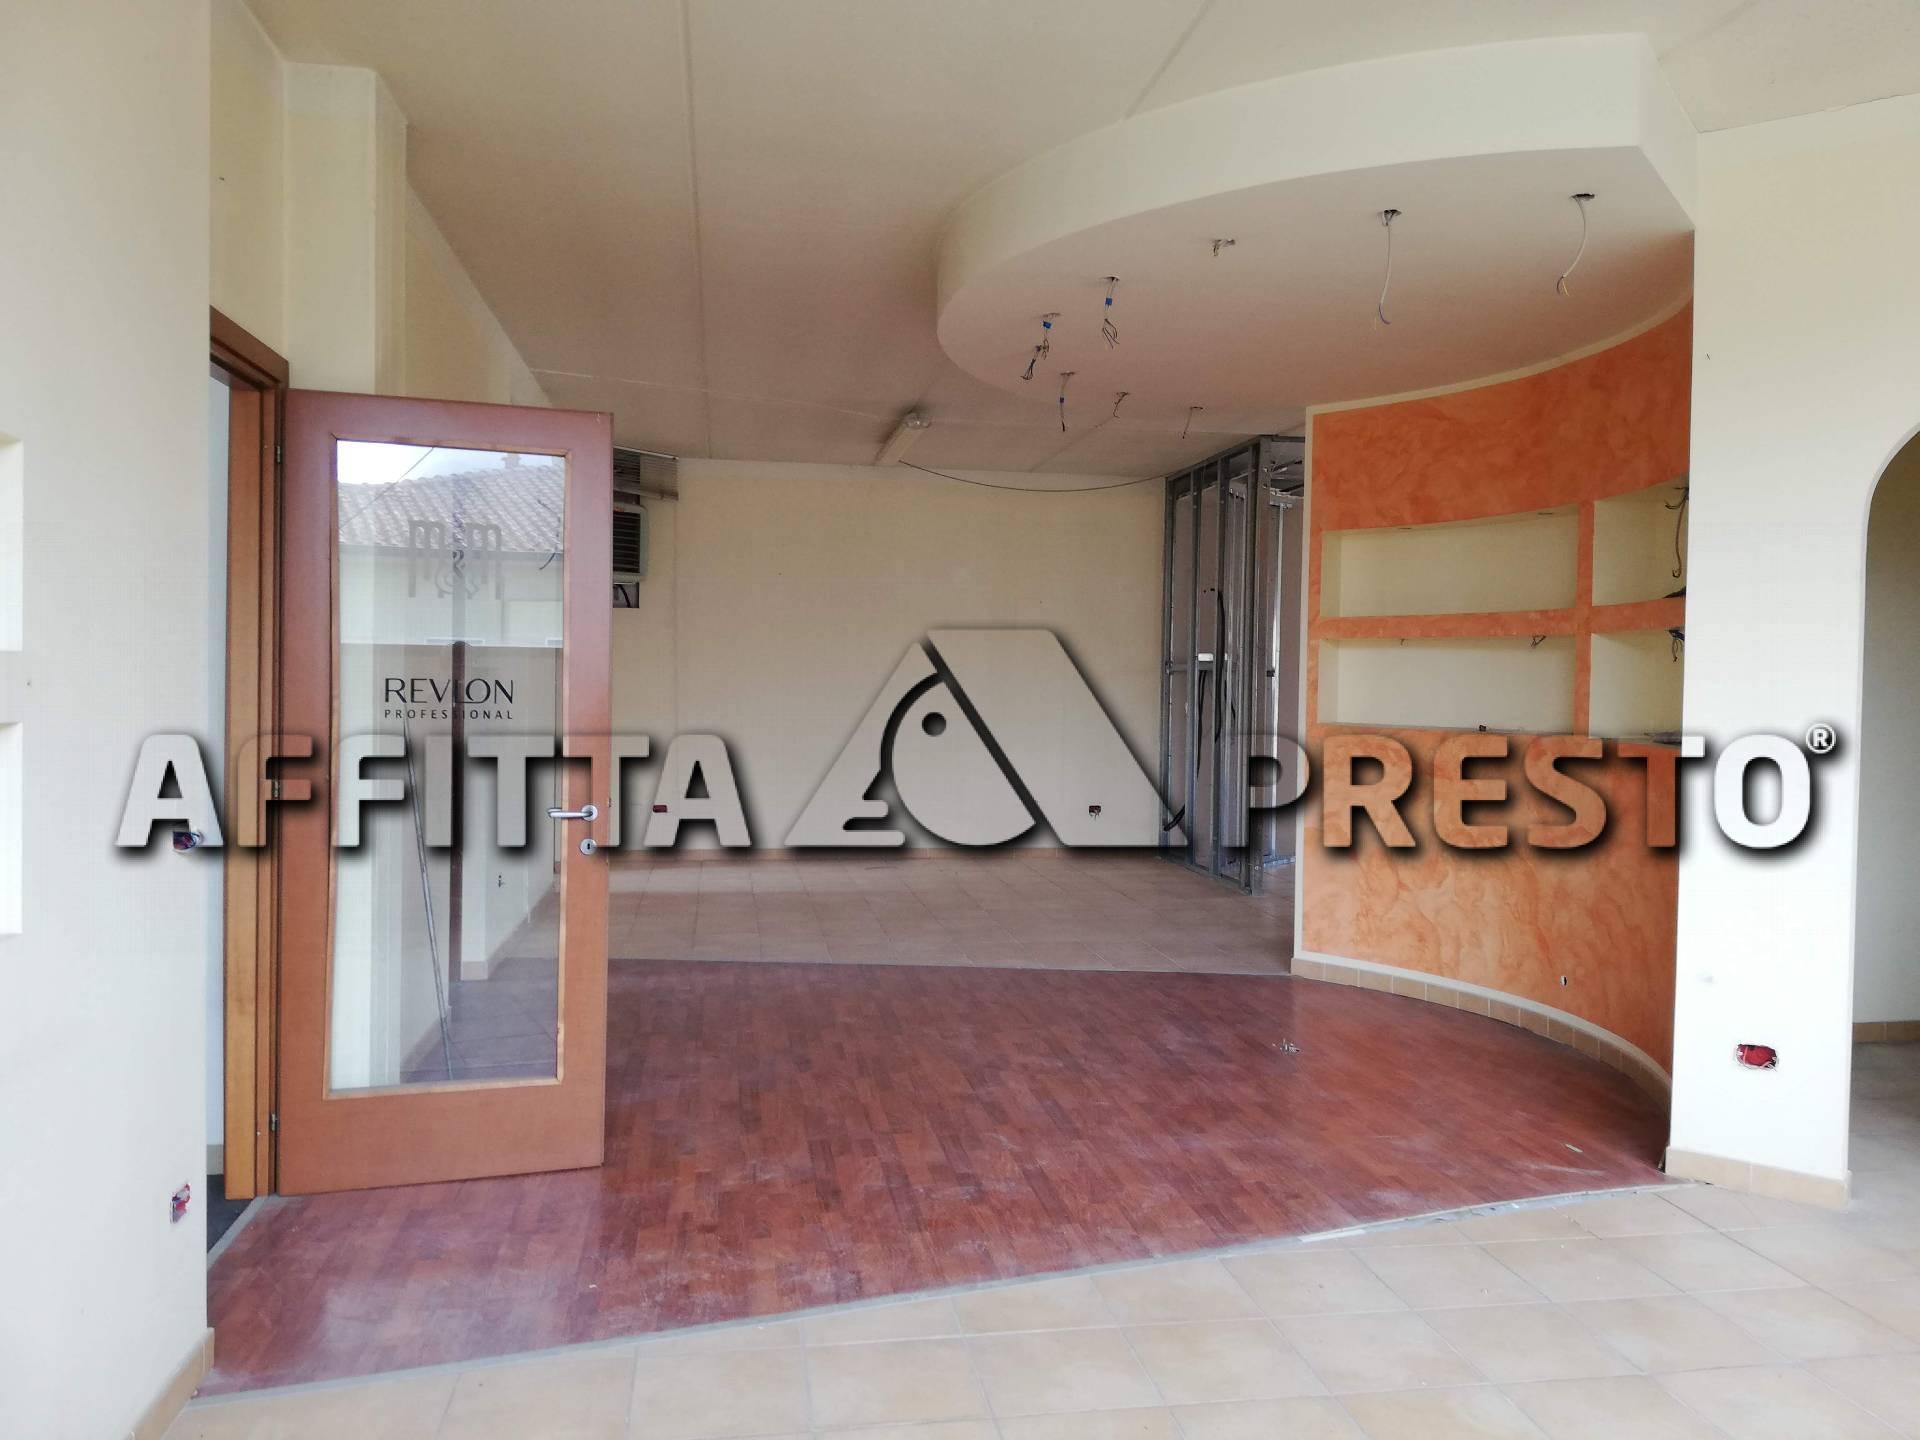 Attività commerciale in affitto a Castelfranco di Sotto (PI)